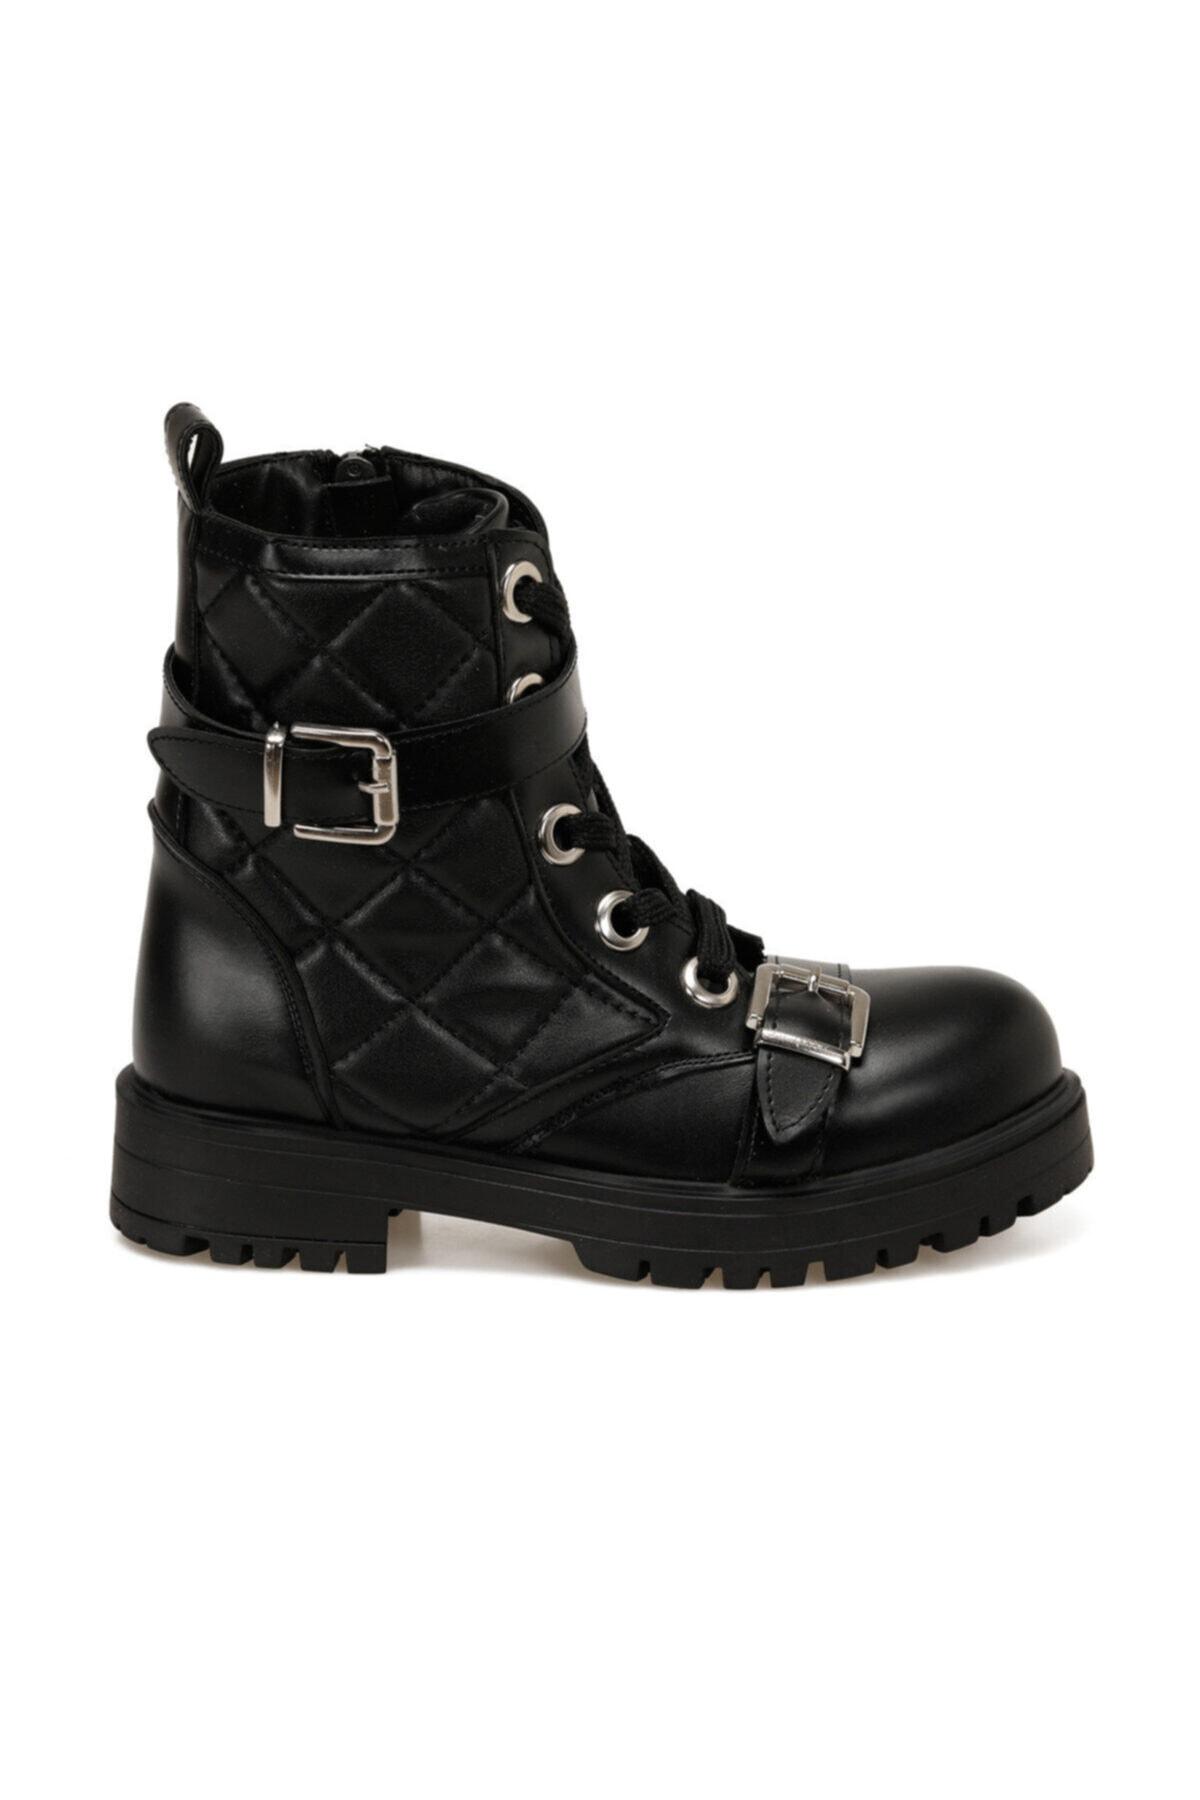 SEVENTEEN KALER Siyah Kız Çocuk Ayakkabı 100570544 2